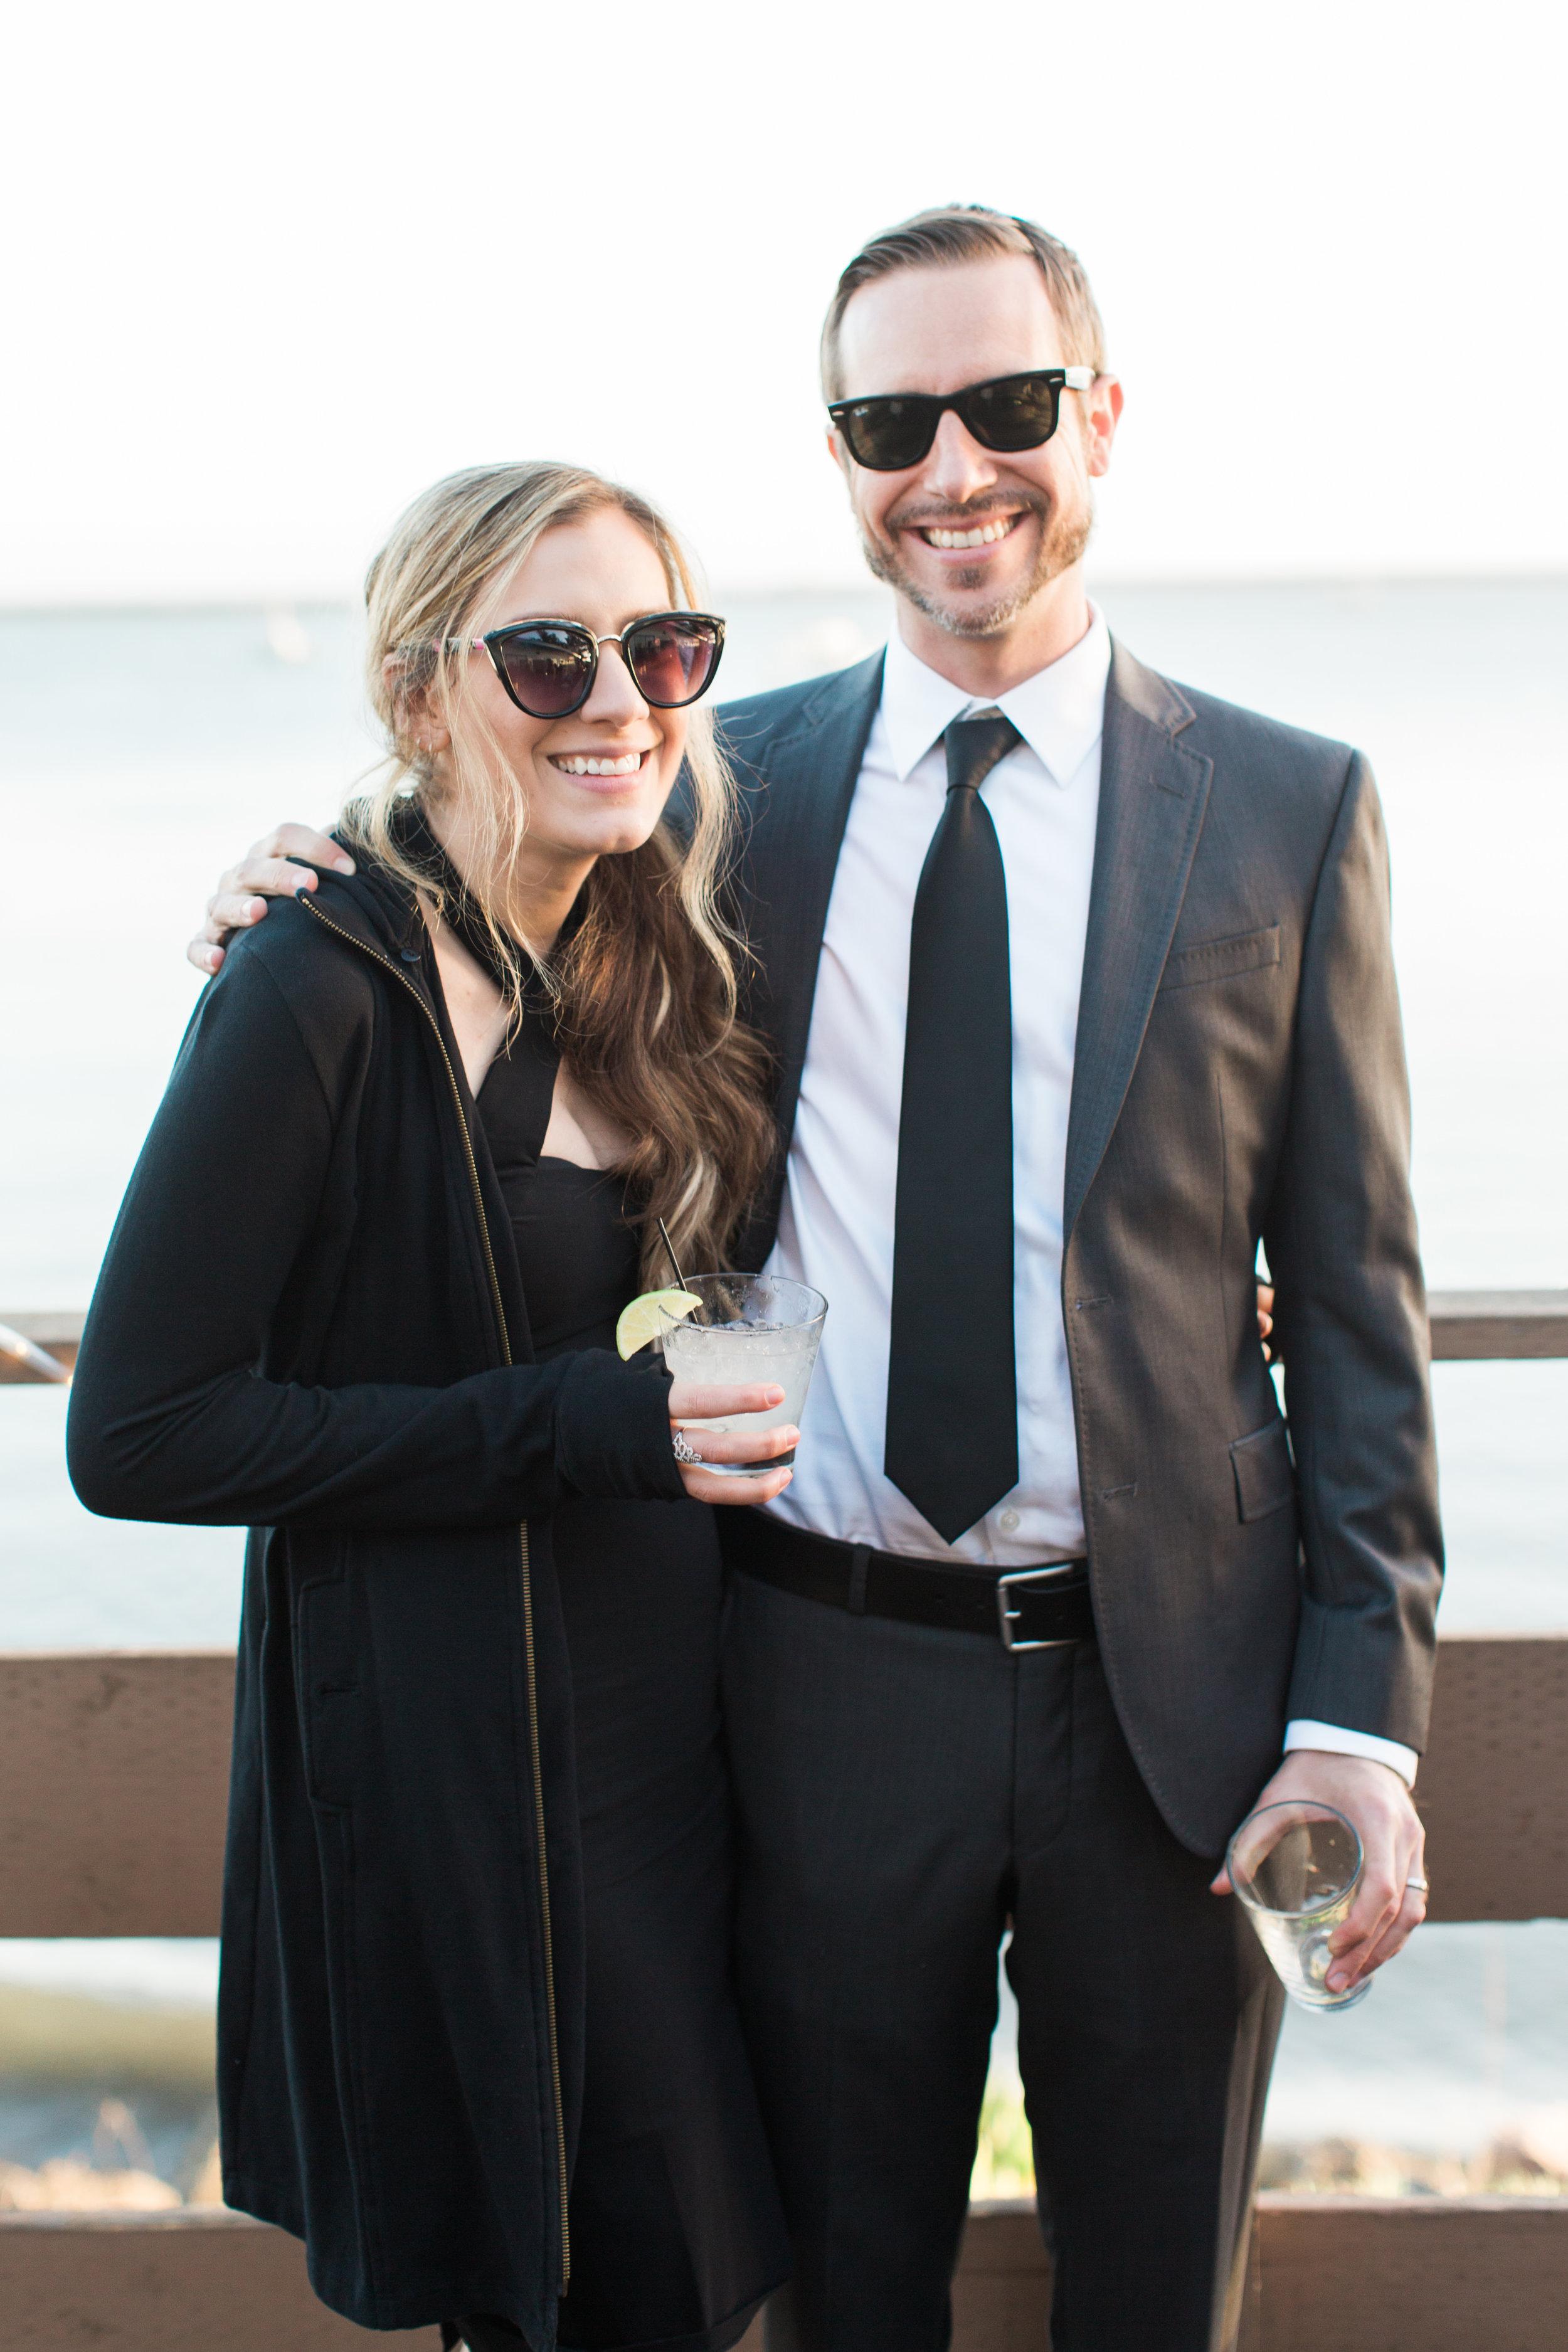 Mavericks-event-center-wedding-in-half-moon-bay-california274.jpg